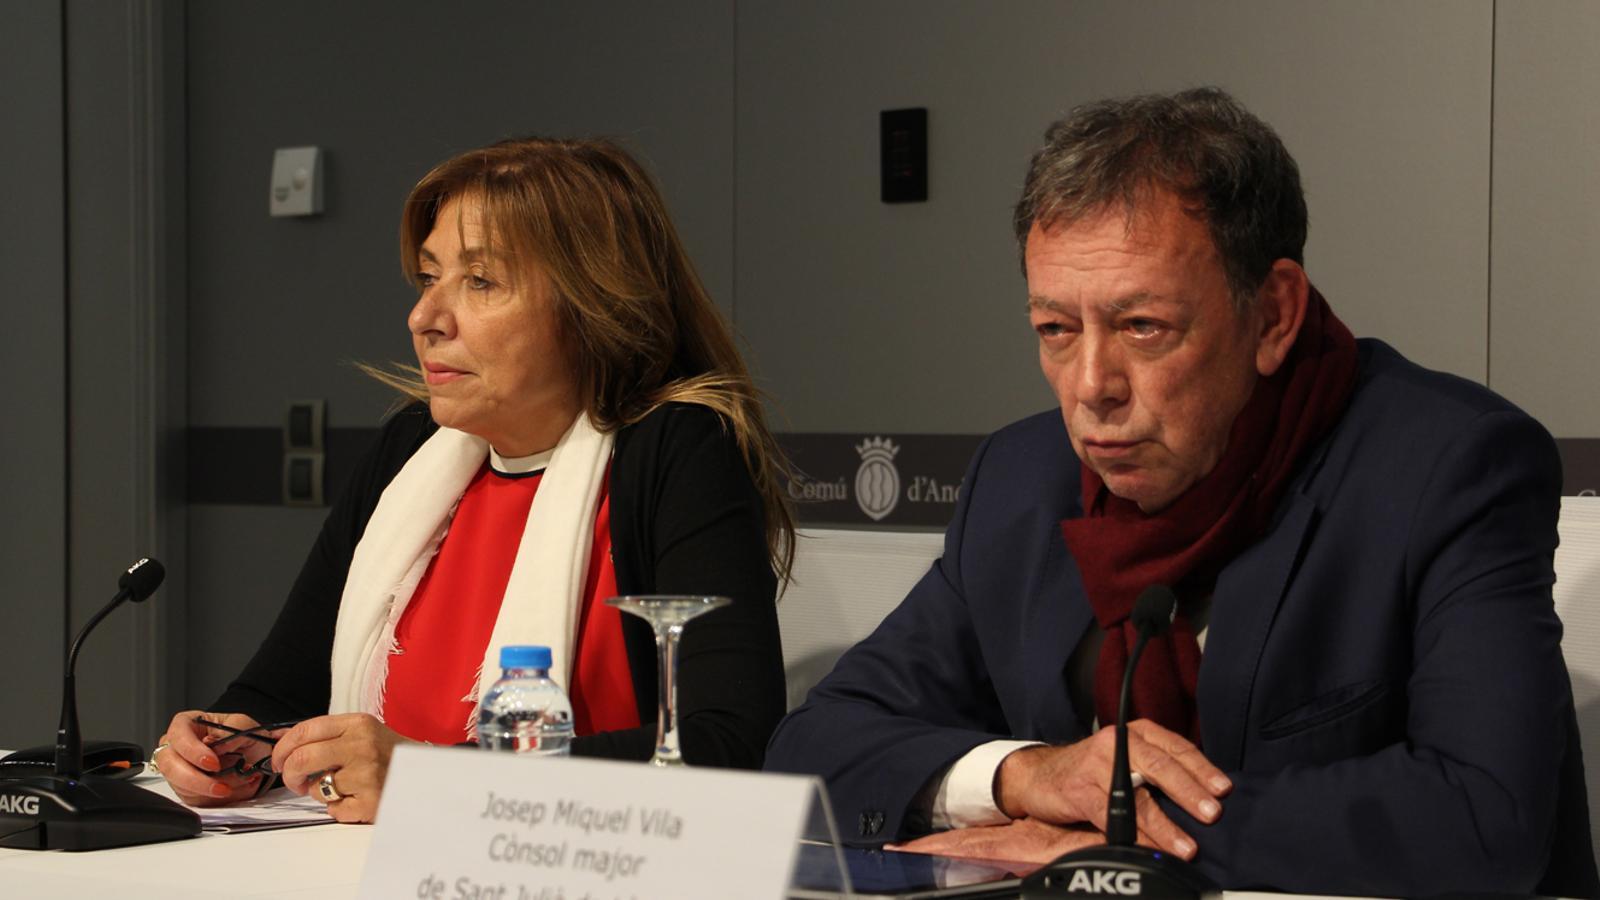 La cònsol major d'Andorra la Vella, Conxita Marsol, i el cònsol major de Sant Julià, Josep Miquel Vila, durant la roda de premsa posterior a la reunió de cònsols celebrada aquest dimarts. / M. P. (ANA)